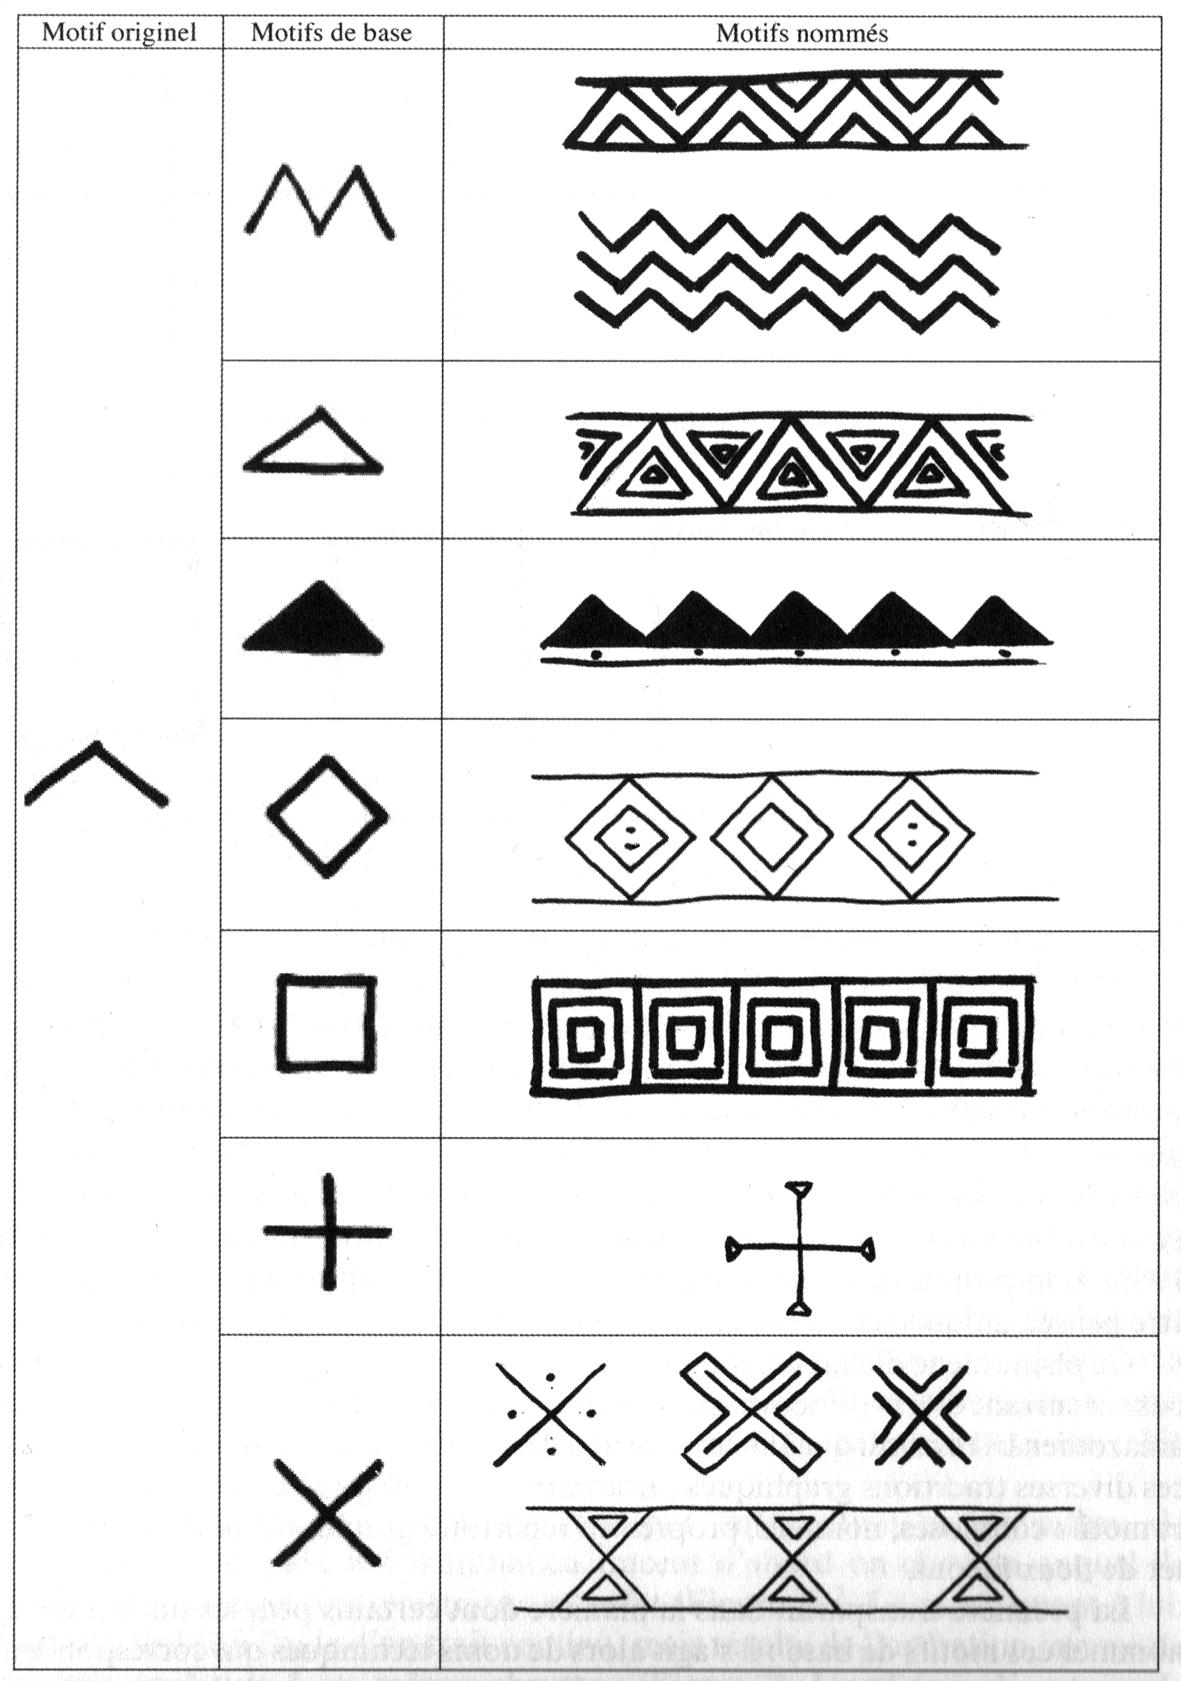 Assez Les répertoires graphiques amazoniens HL38